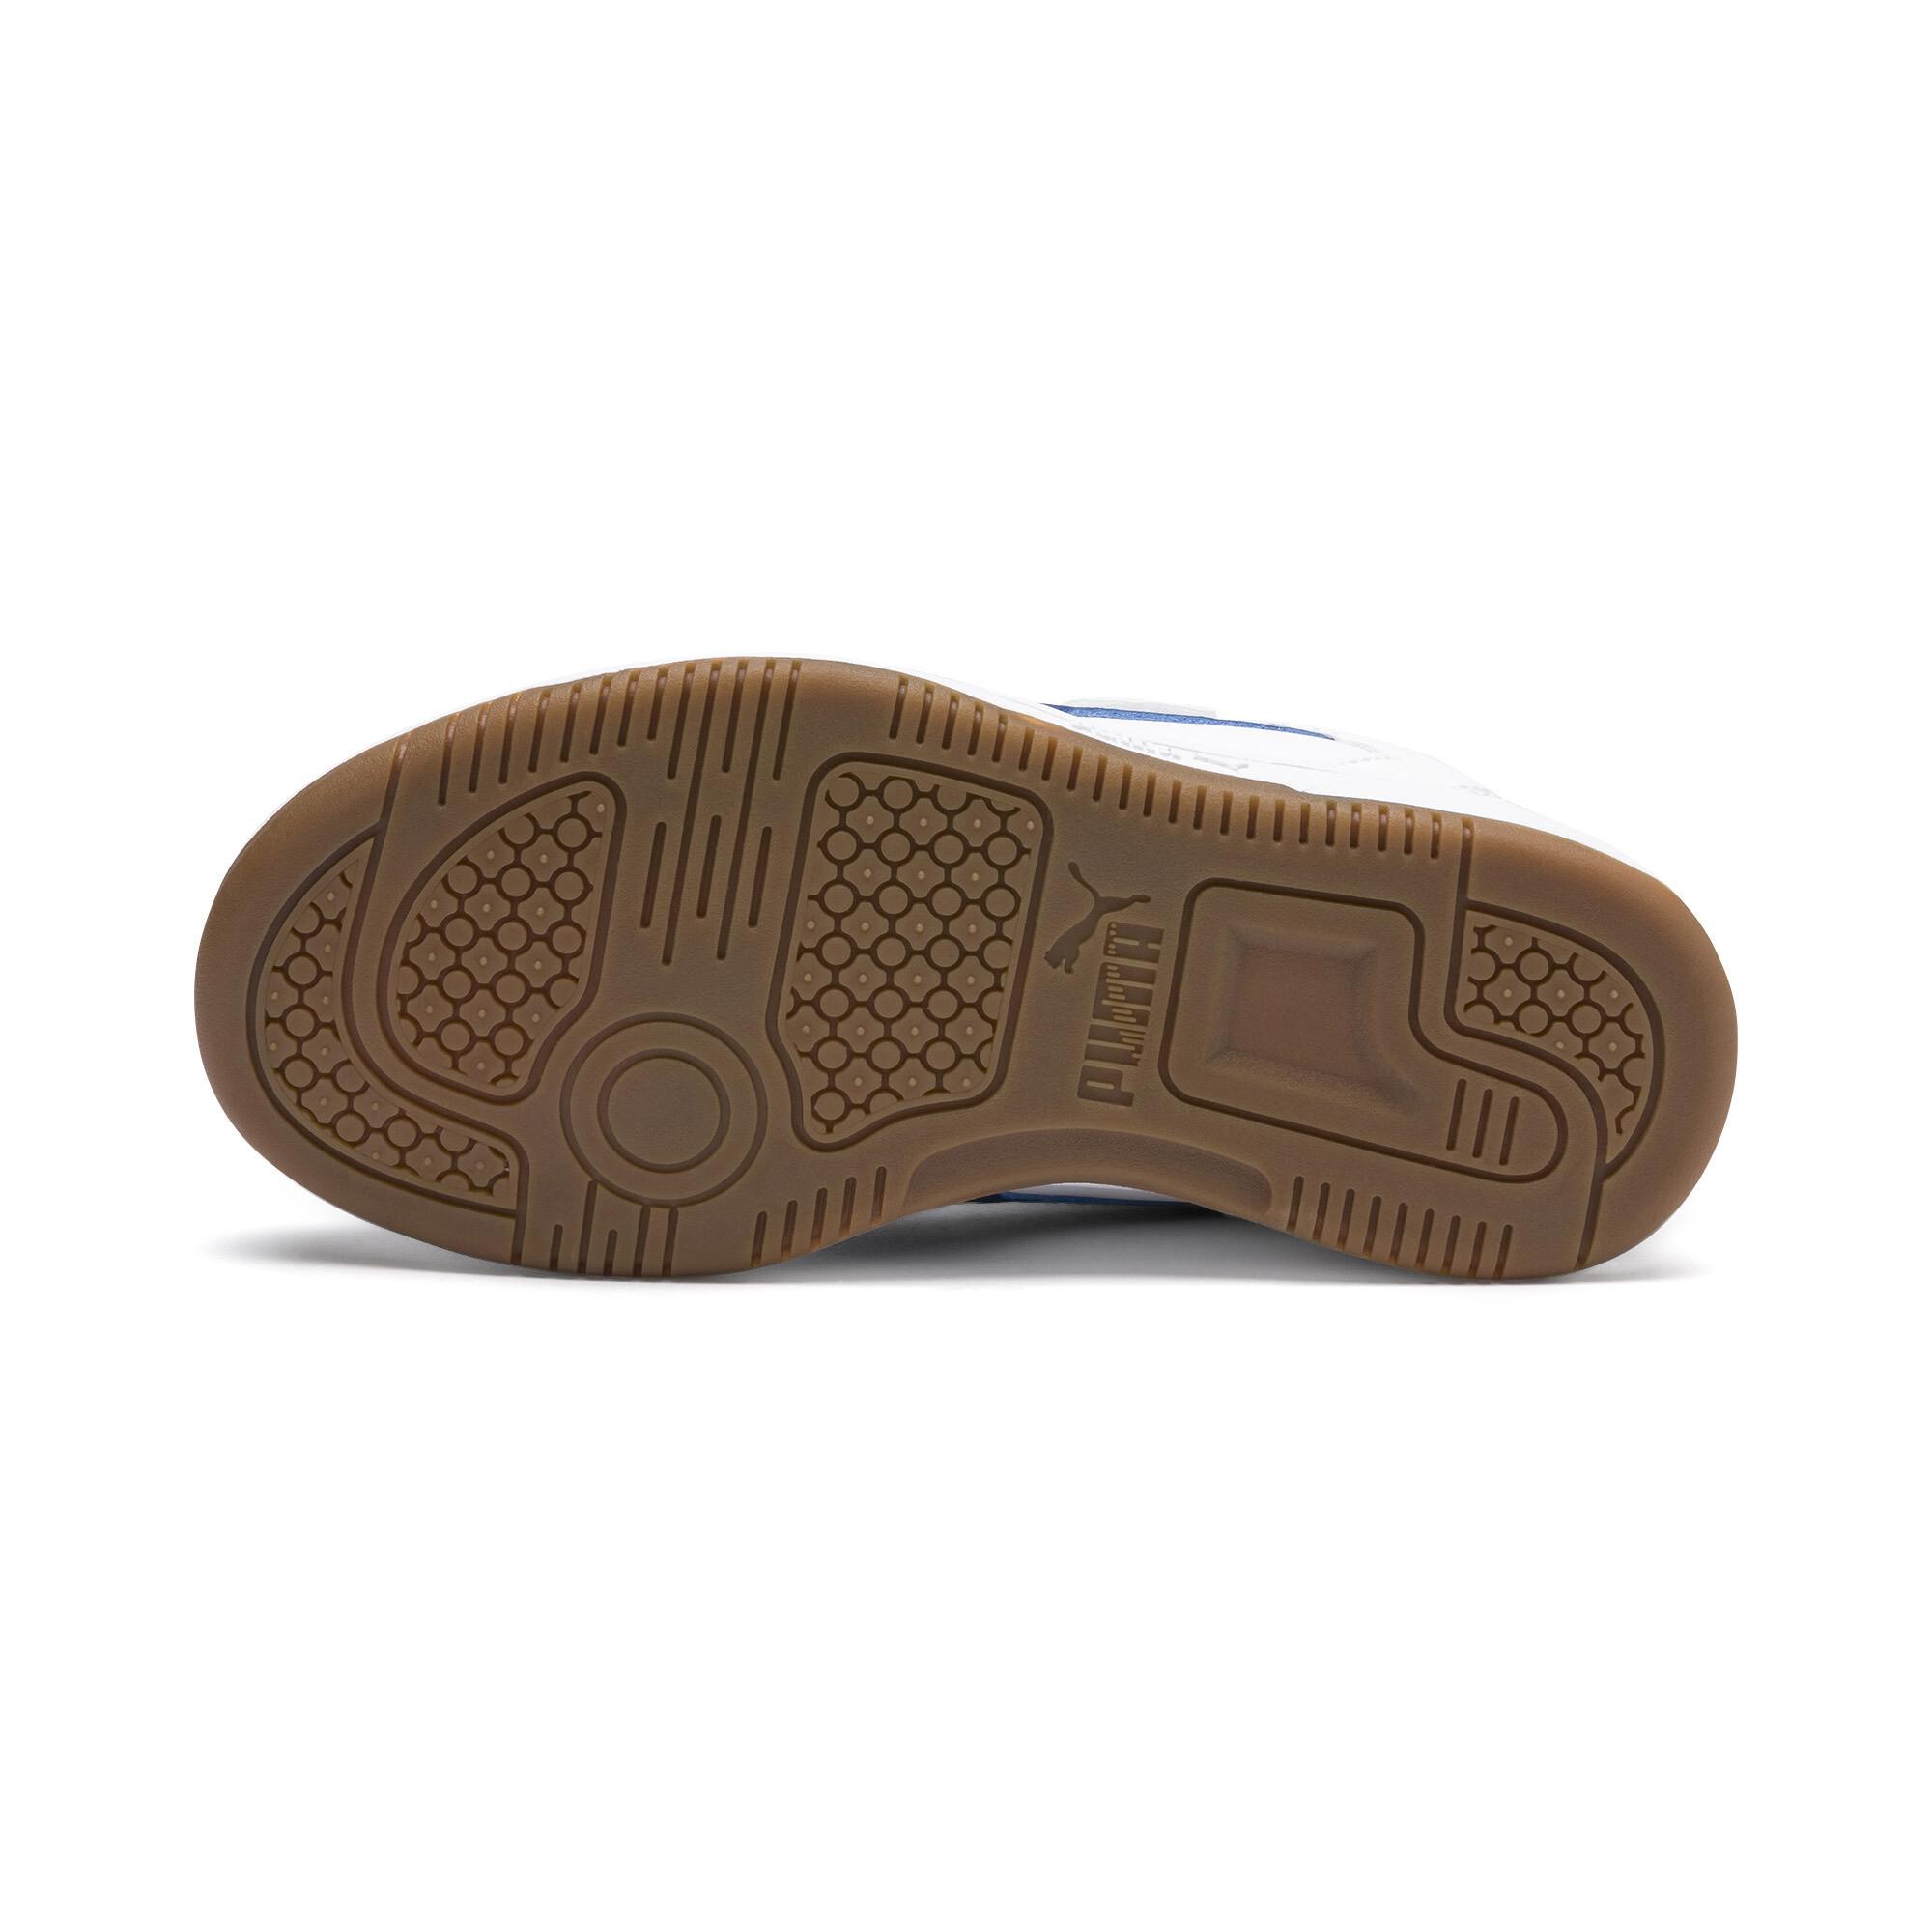 PUMA-PUMA-Rebound-LayUp-Lo-Little-Kids-039-Shoes-Boys-Shoe-Kids thumbnail 23